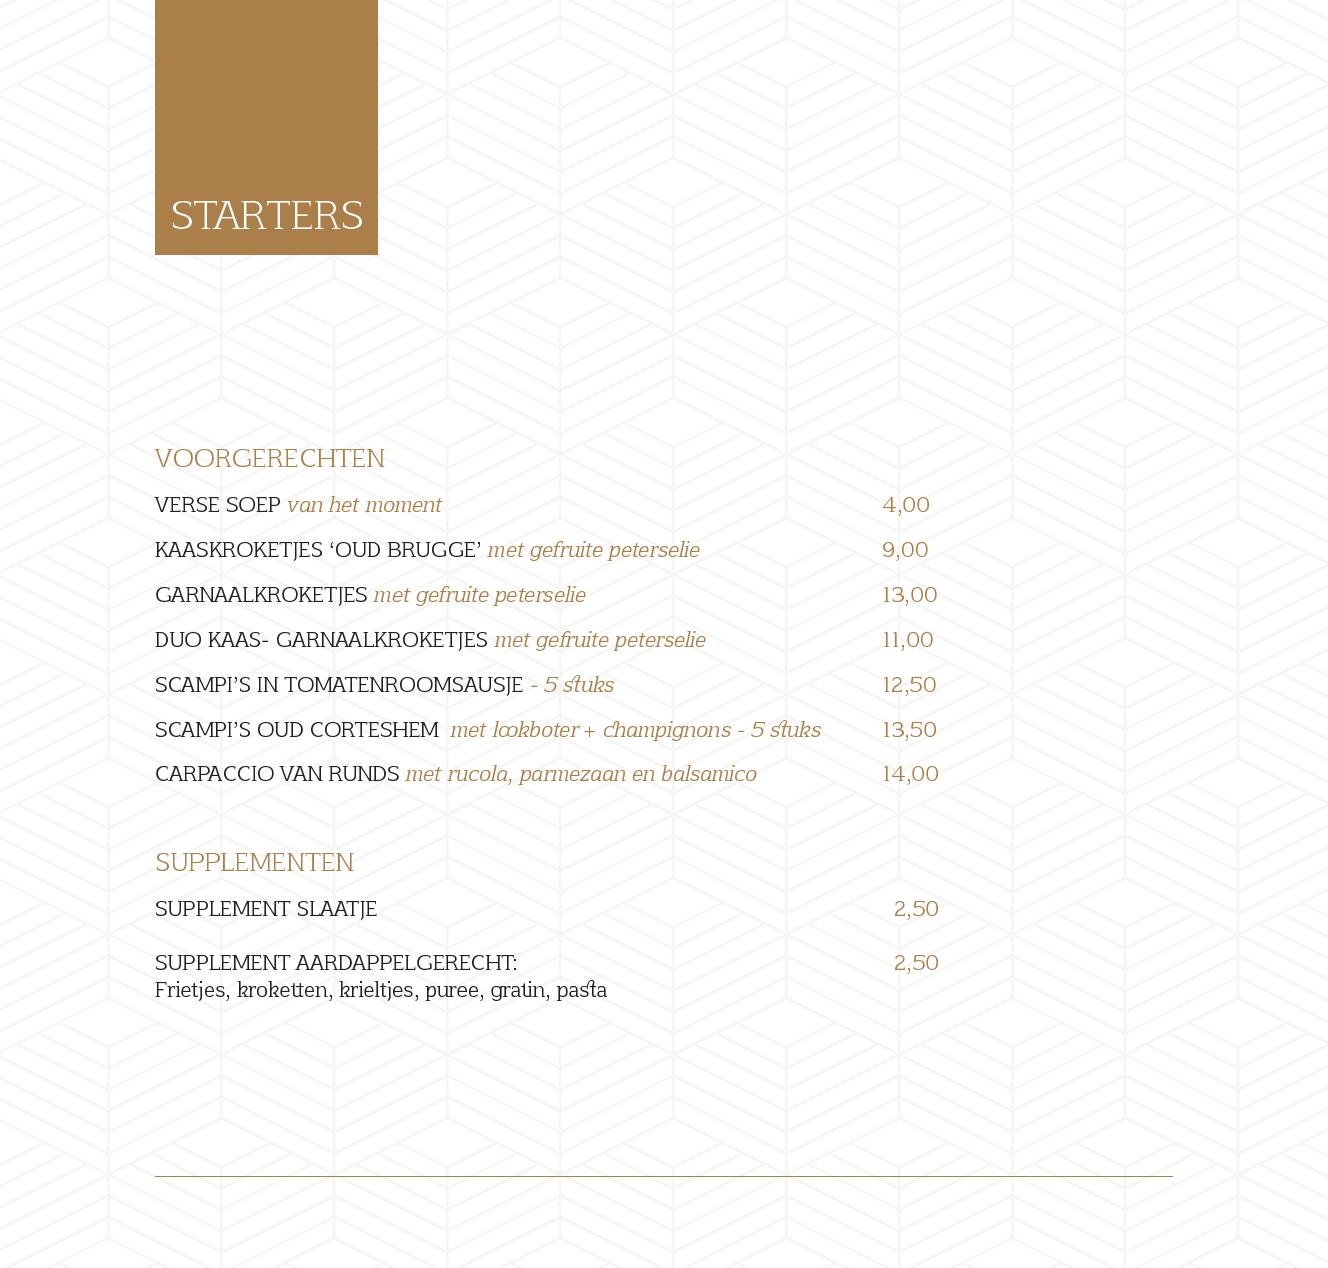 menukaart 19